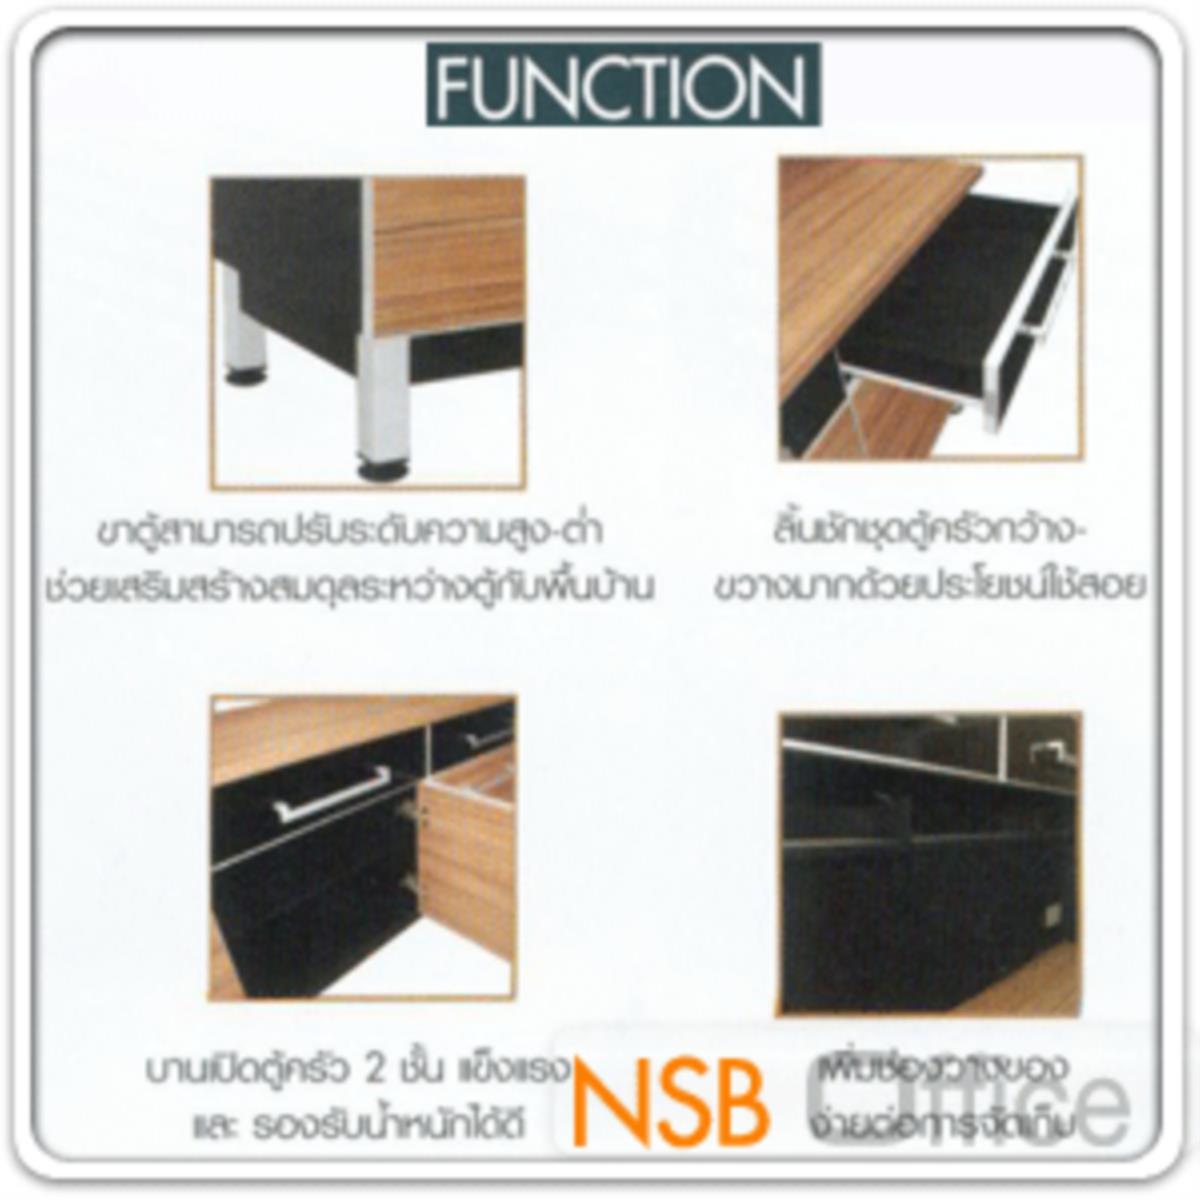 ชุดตู้ครัวสูง ทันสมัย  รุ่น Minimus (มินิมัส)  ขนาด 180W cm. สีวอลนัทตัดกระจกชาดำ